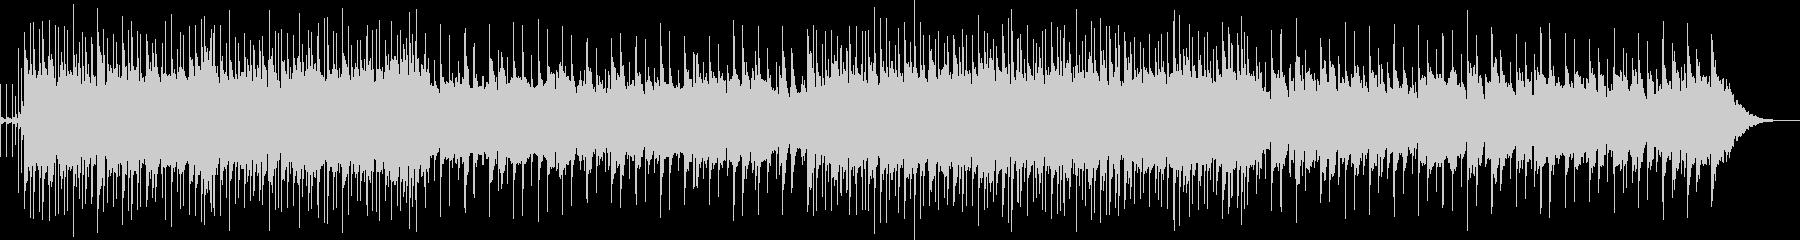 平凡で平和な日常・エンディングBGMの未再生の波形